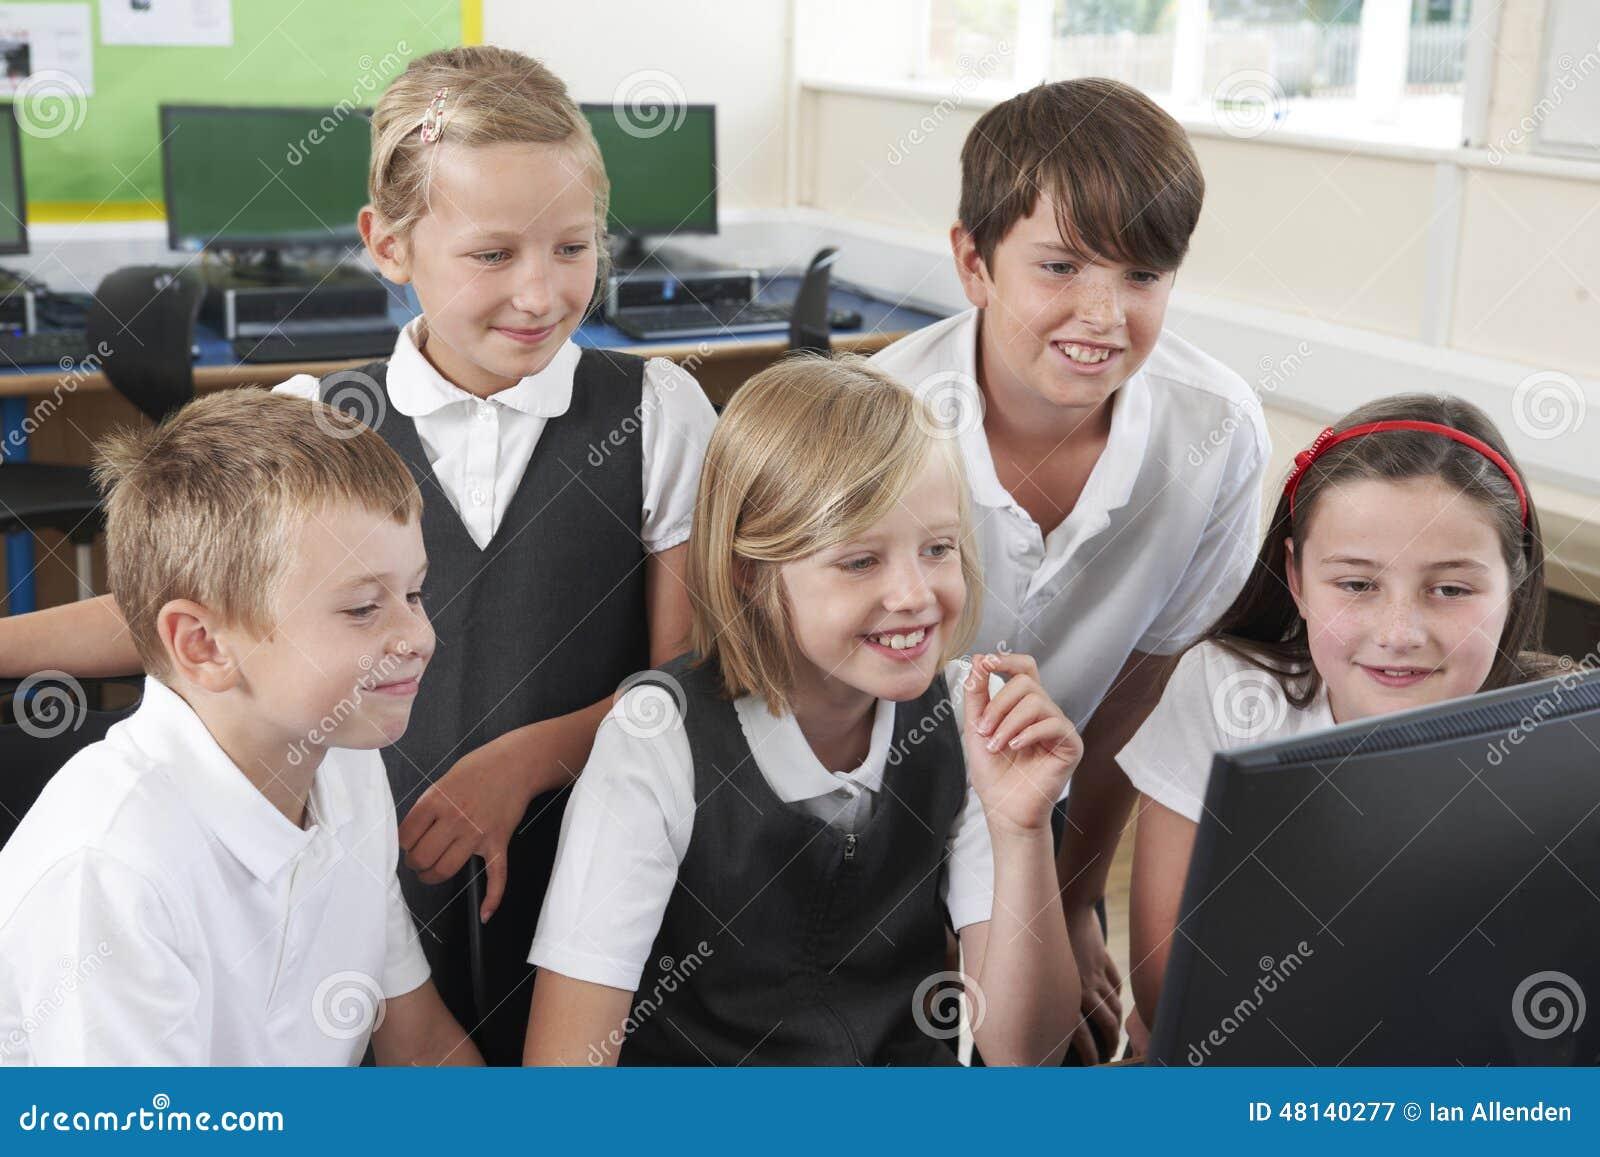 Groep Elementaire Scholieren in Computerklasse